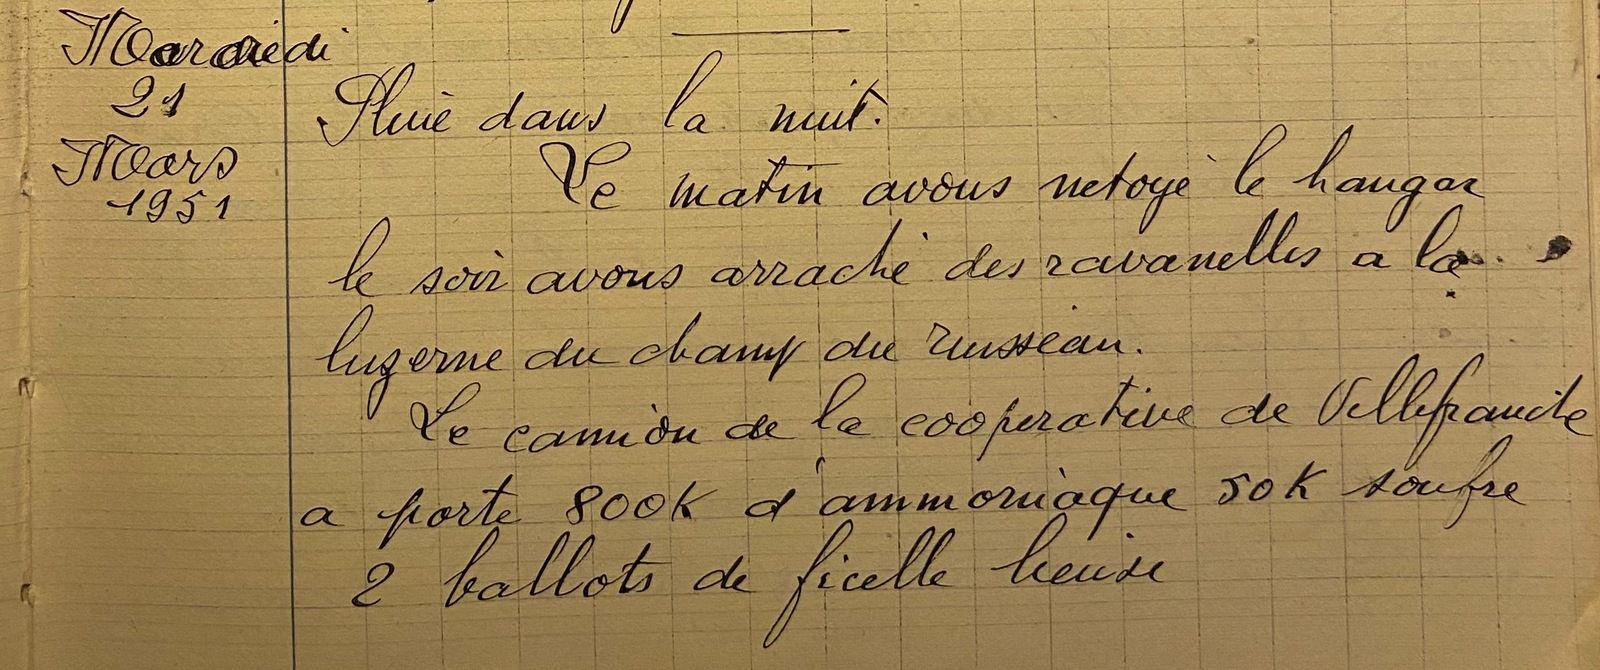 Mercredi 21 mars 1951 - les ravenelles de la luzerne